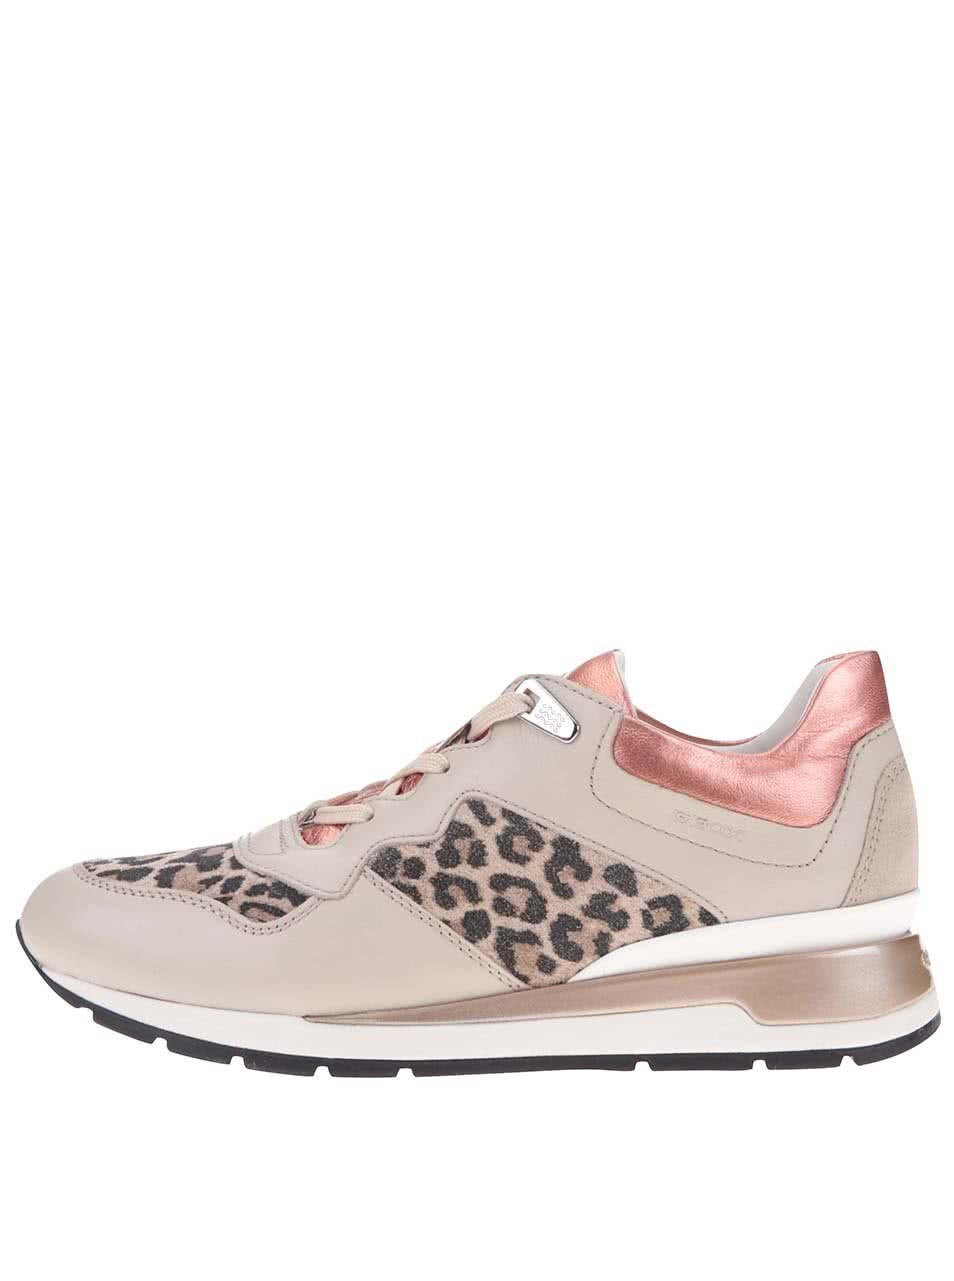 85a0440bca4 Béžové dámské kožené tenisky s gepardím vzorem Geox Shahira ...